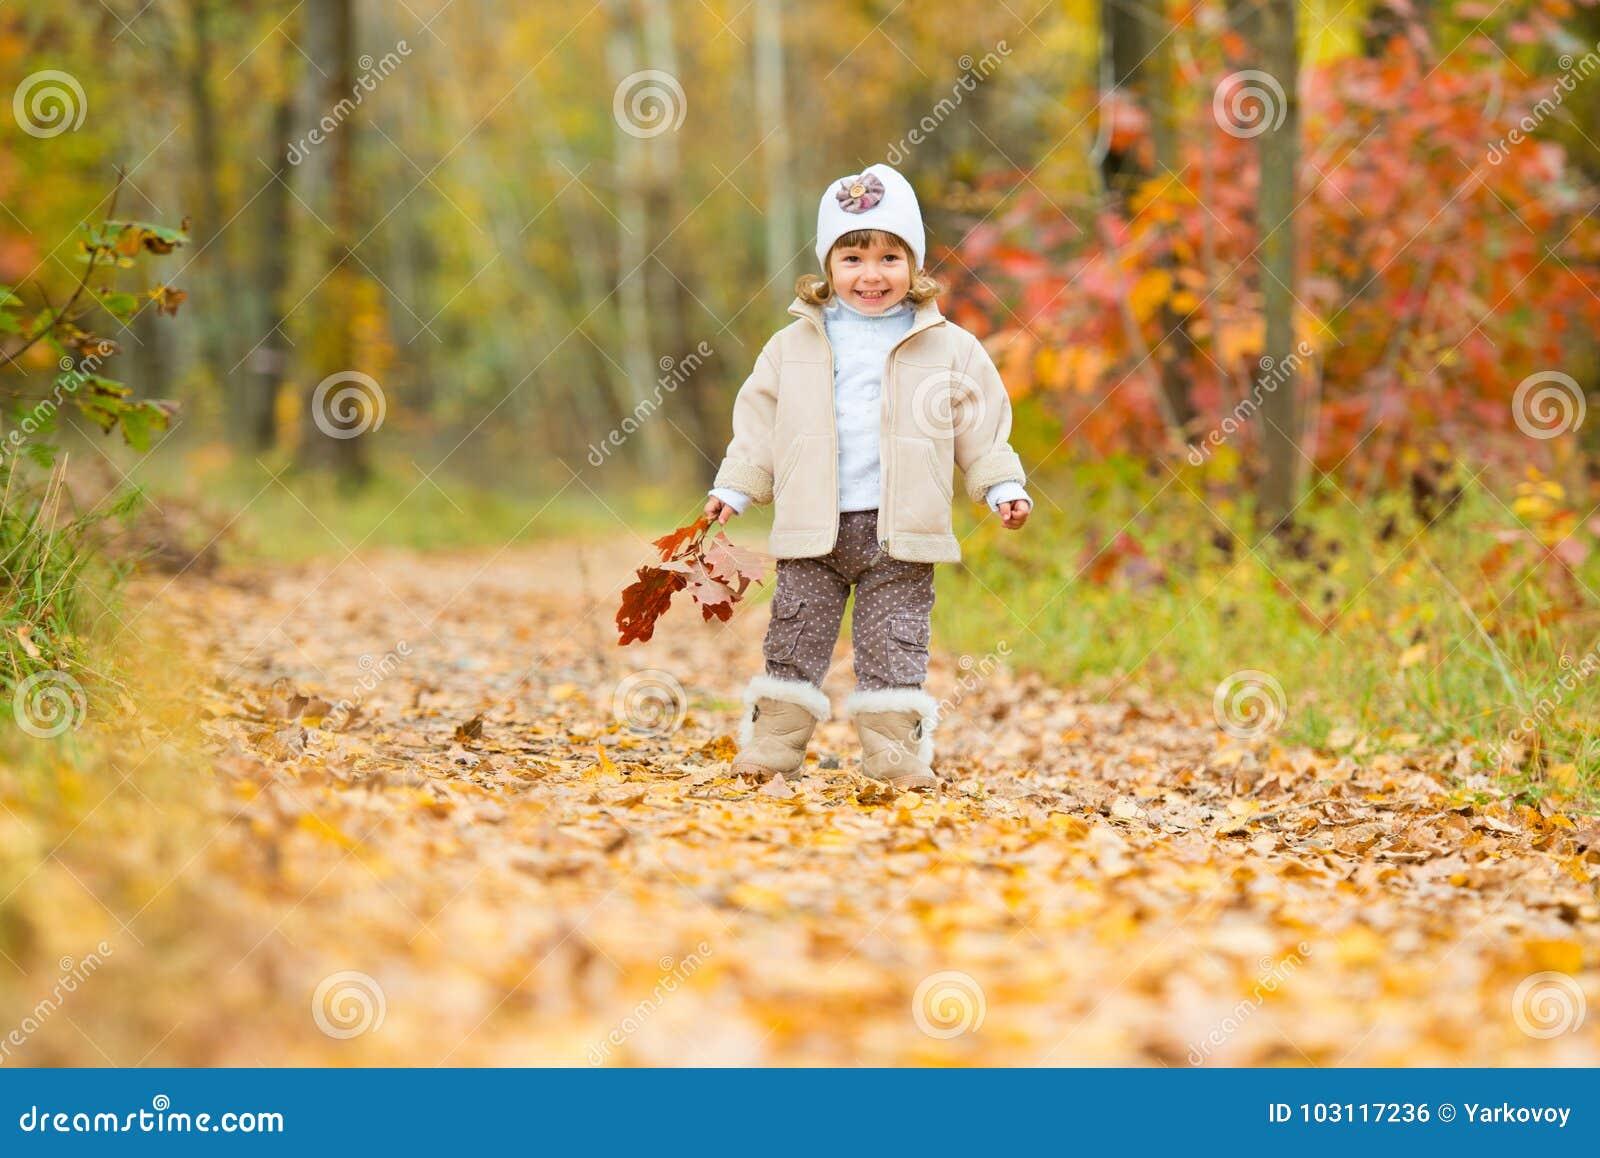 Tiempo del otoño, pequeño bebé feliz, la muchacha camina a lo largo de la trayectoria con un ramo de hojas de otoño